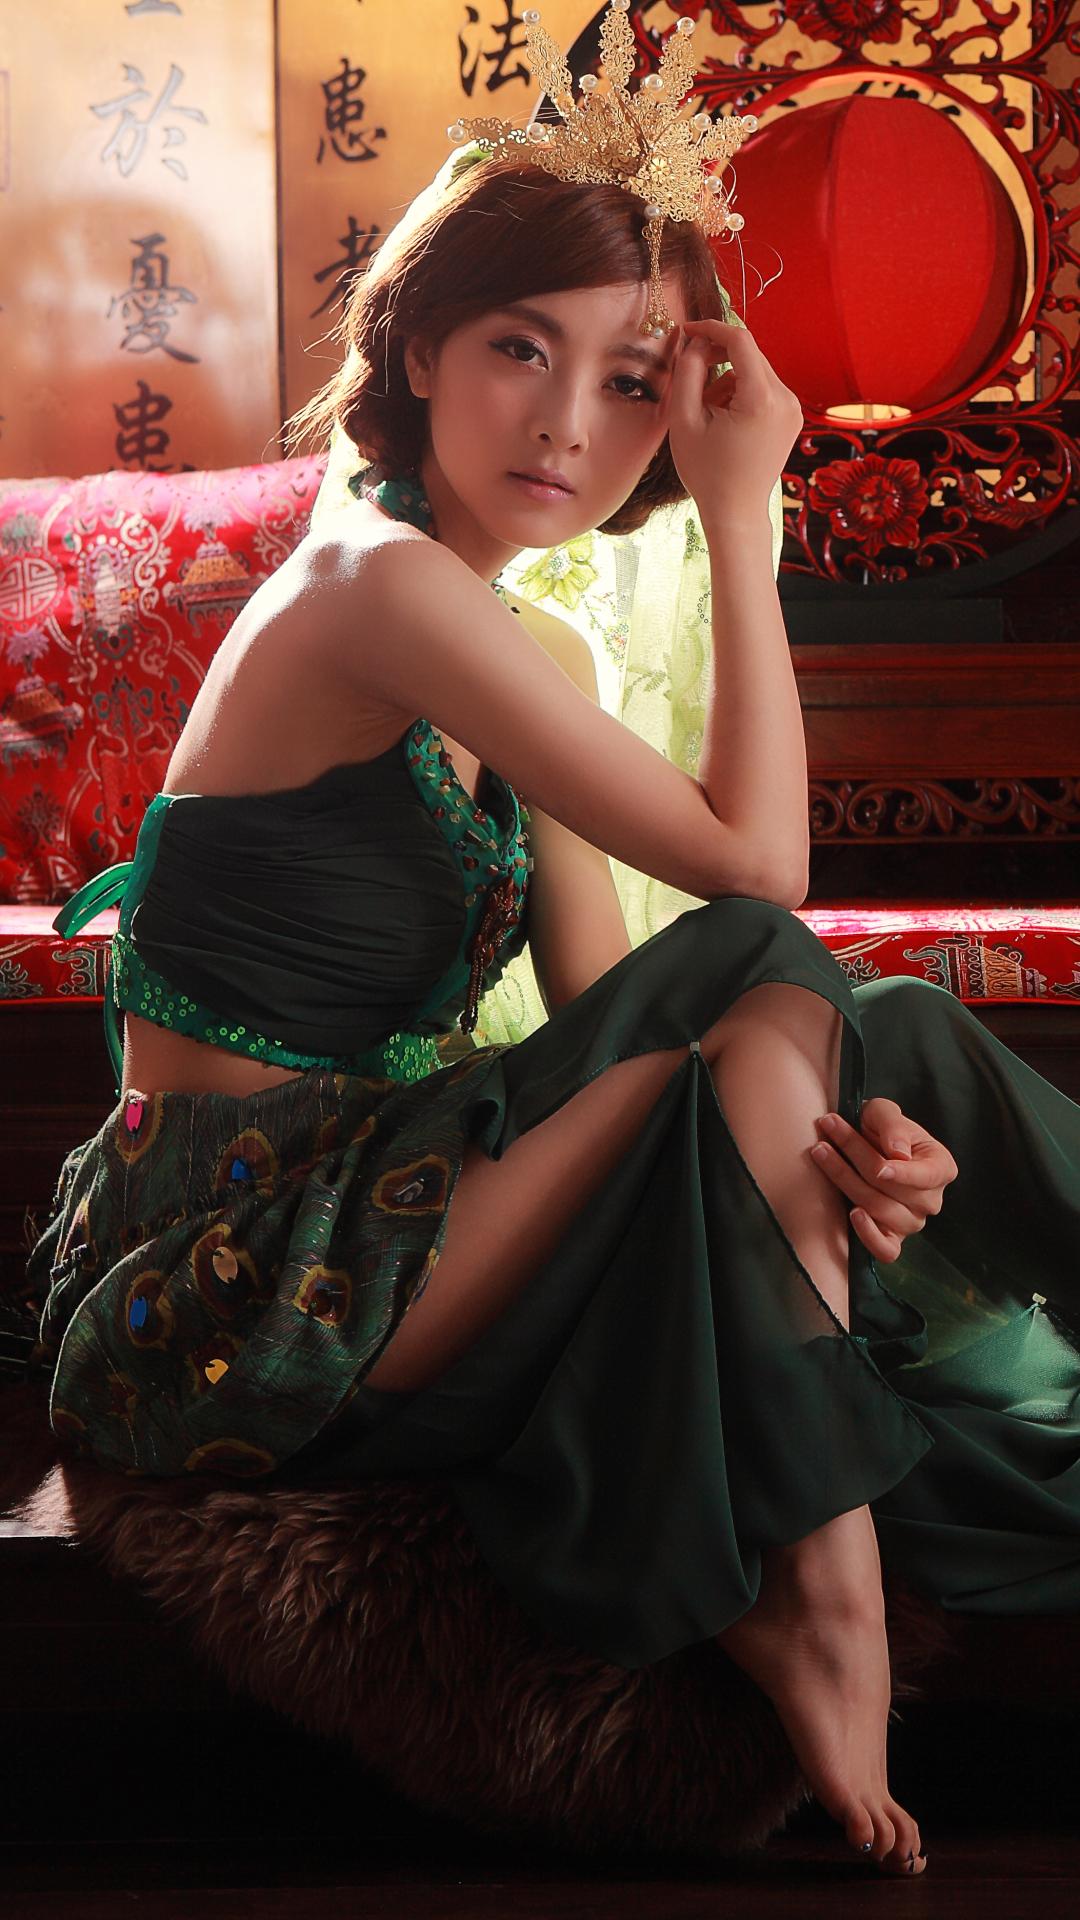 WomenMikako Zhang Kaijie 1080x1920 Wallpaper ID 294165 1080x1920